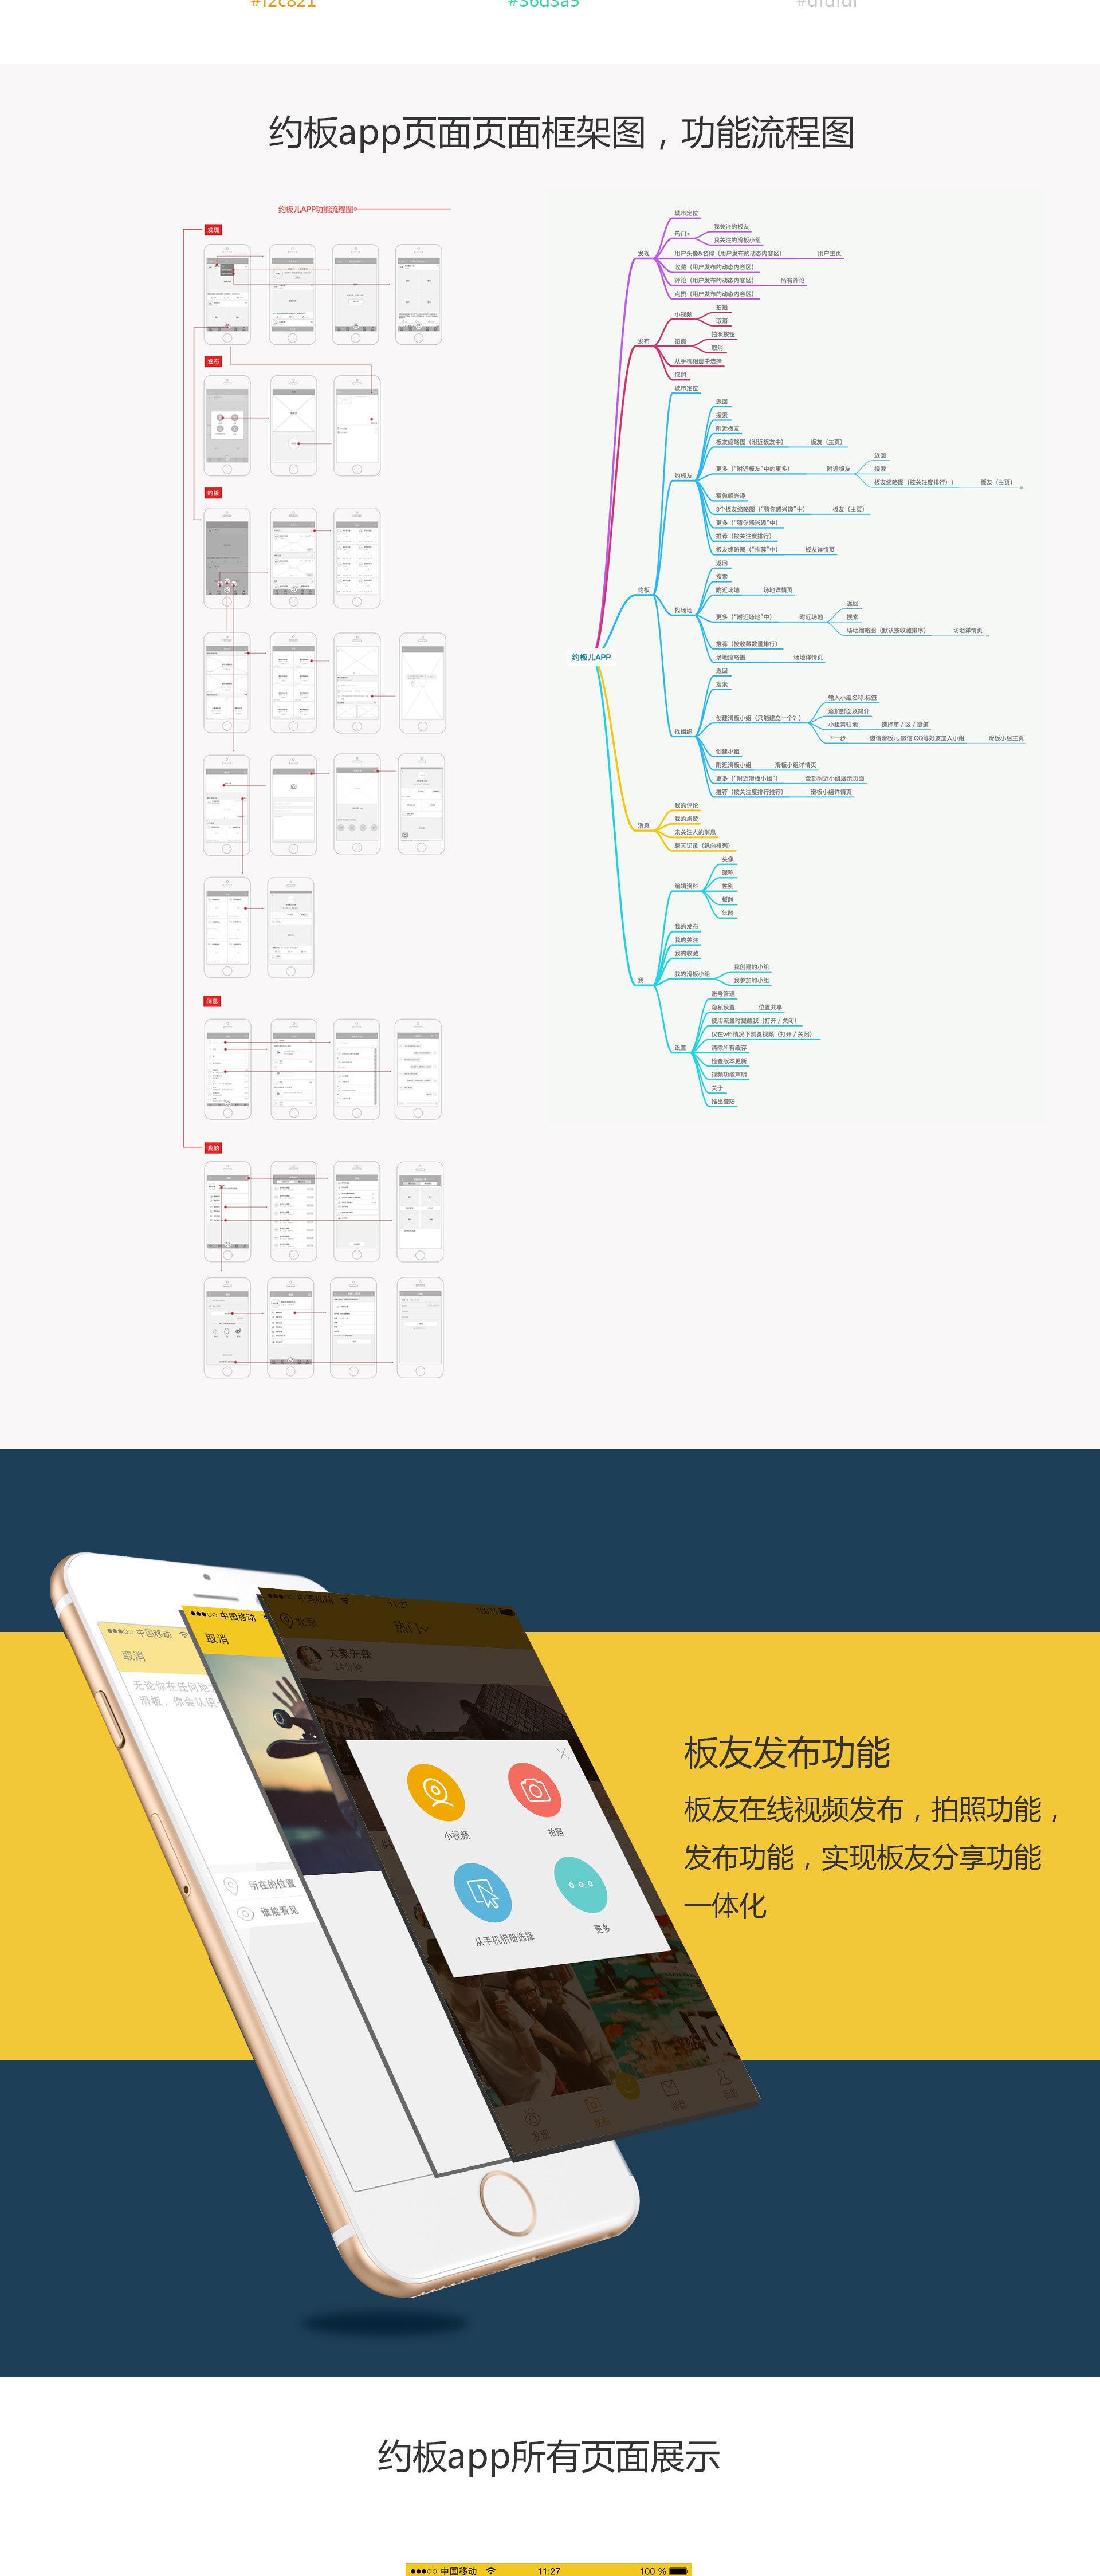 约板app 滑板app-ui-app界面-xiaonan123go - 原创